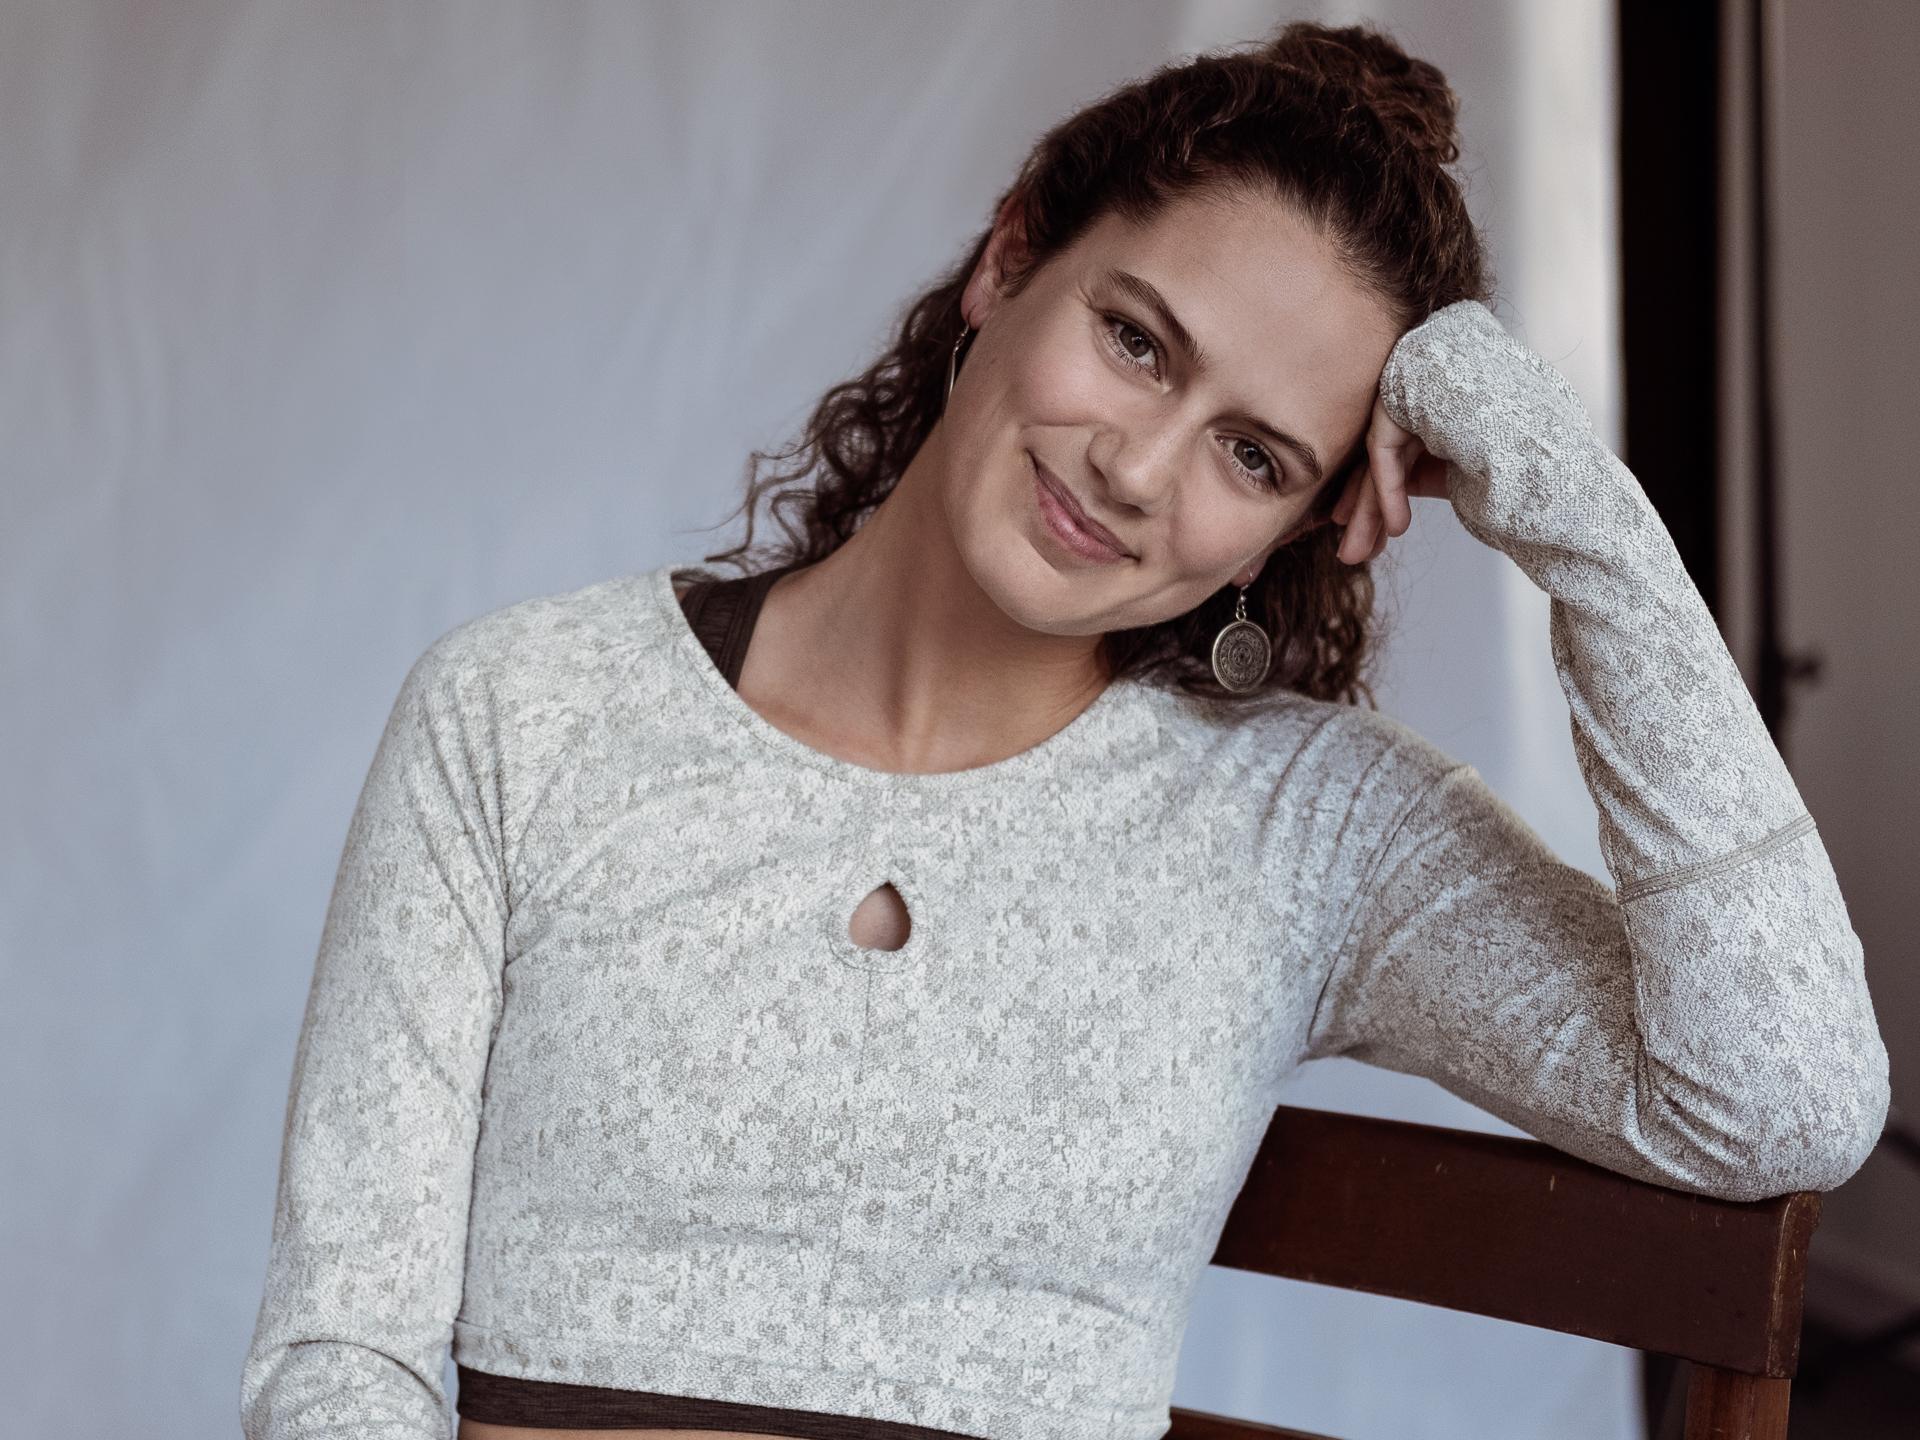 Sofia Mano no estúdio, no dia em que gravámos o episódio.